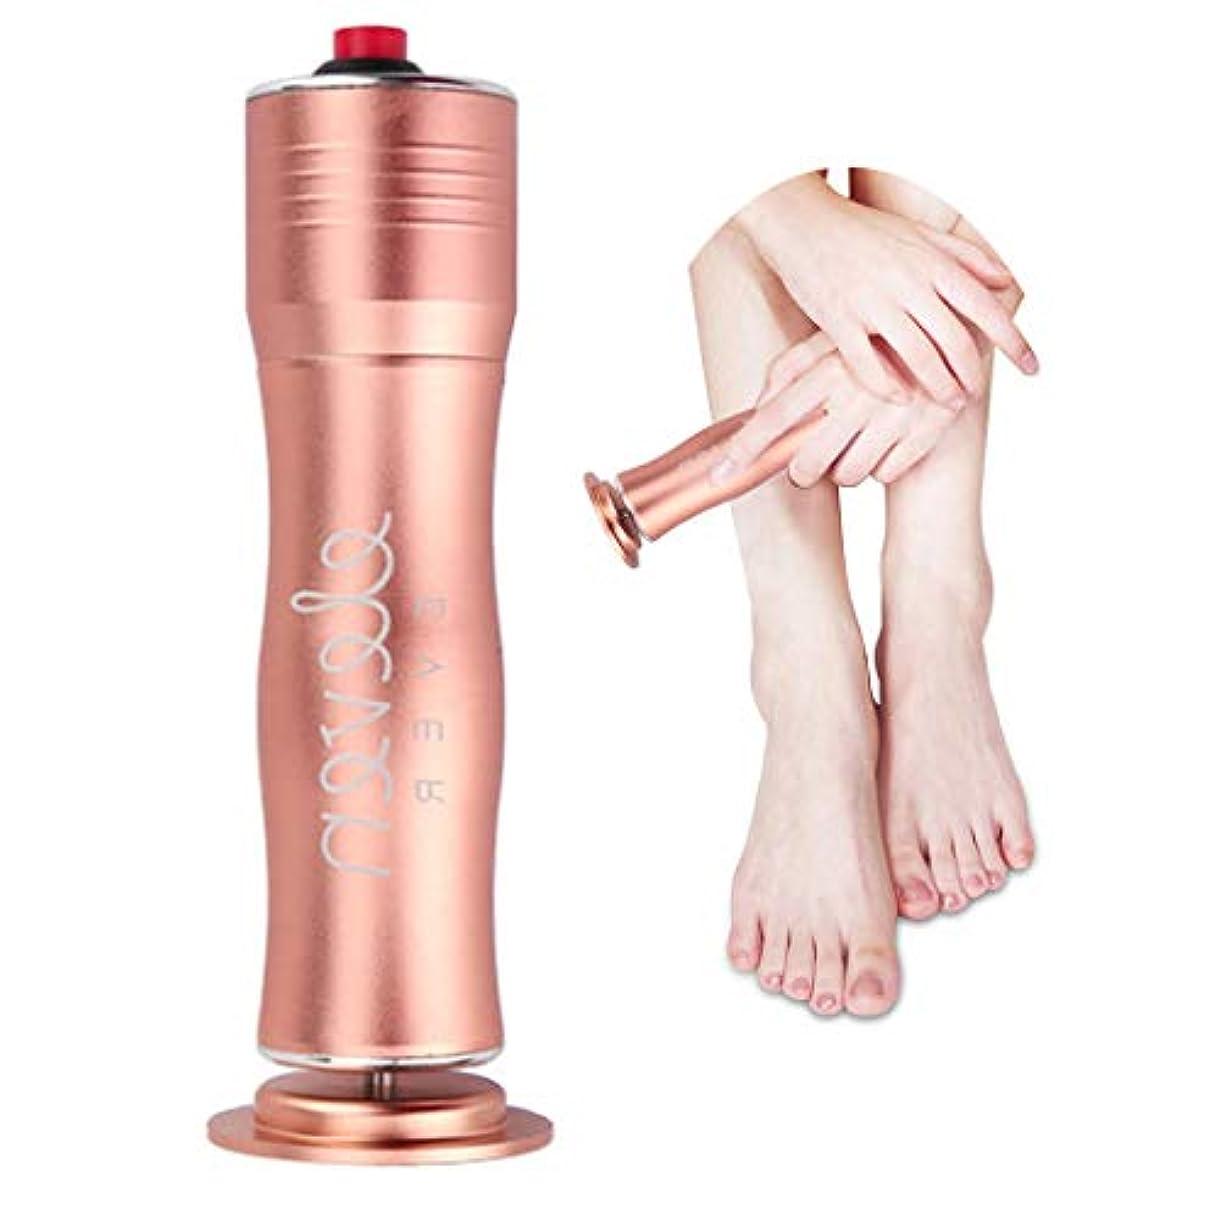 急襲出発お電動角質リムーバー 角質取り スピーディに足の角質を除去可能 速度調節可能 清潔的 衛生的な足部ケア道具 磨足器 ペディキュアマシン 使い捨てのサンドペーパー付き 男女兼用